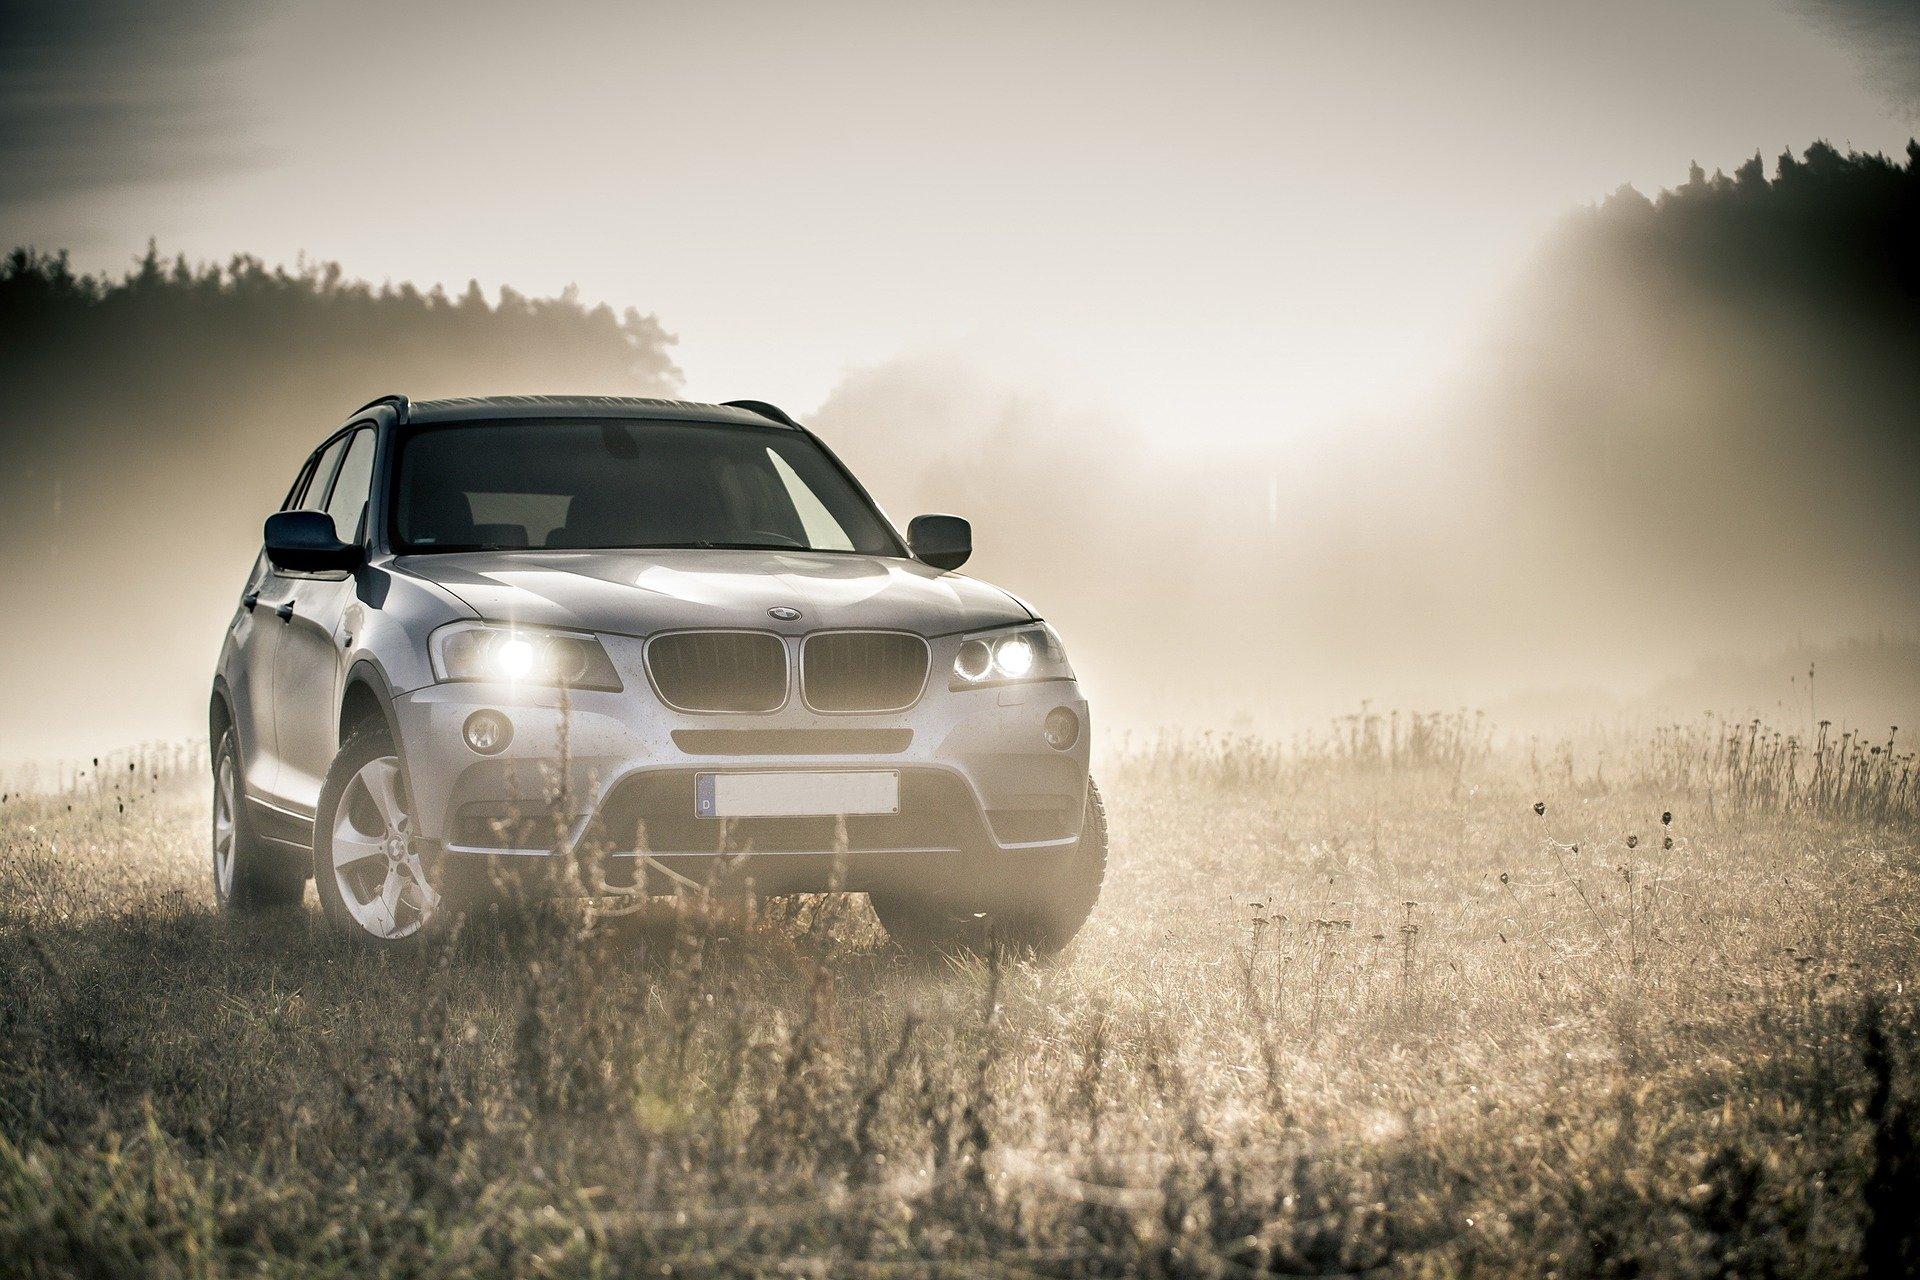 suv_auto_fahrzeug_pkw_geländewagen_offroad_car